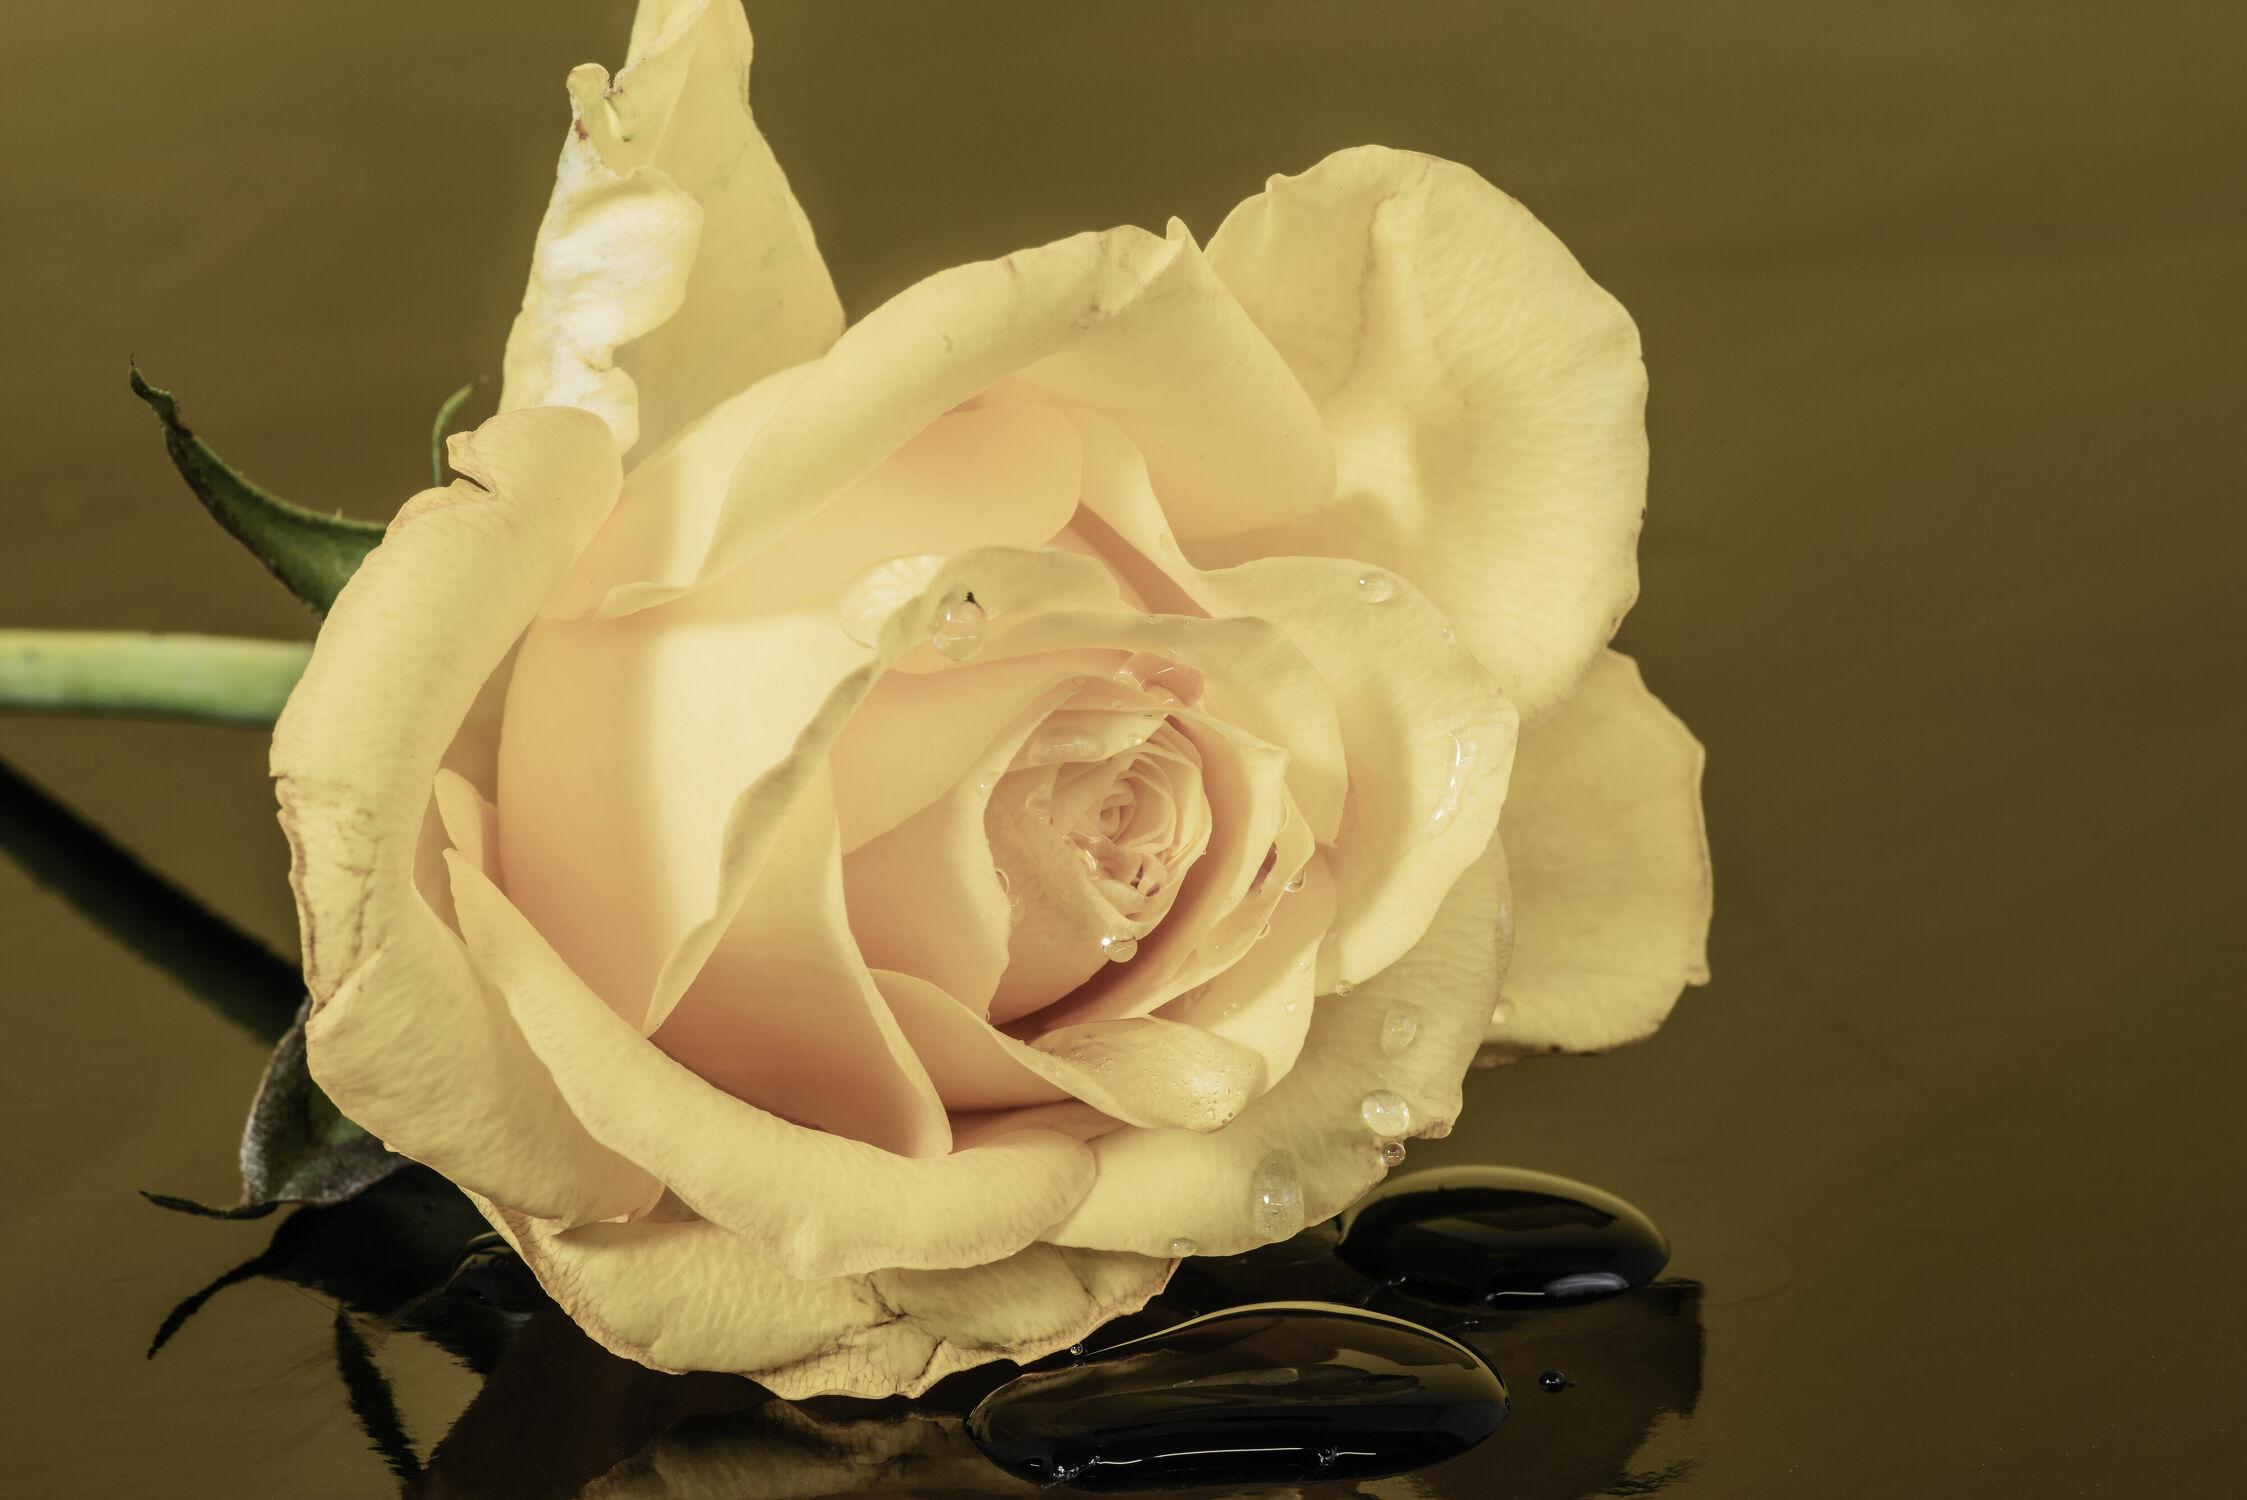 Bild mit Natur, Blätter, Blume, Pflanze, Rose, Makro, Makro Rose, Tropfen, Spiegelungen, Blüten, Blumen im Makro, nahaufnahme, Tau, Tautropfen, verblühen, Reflexionen